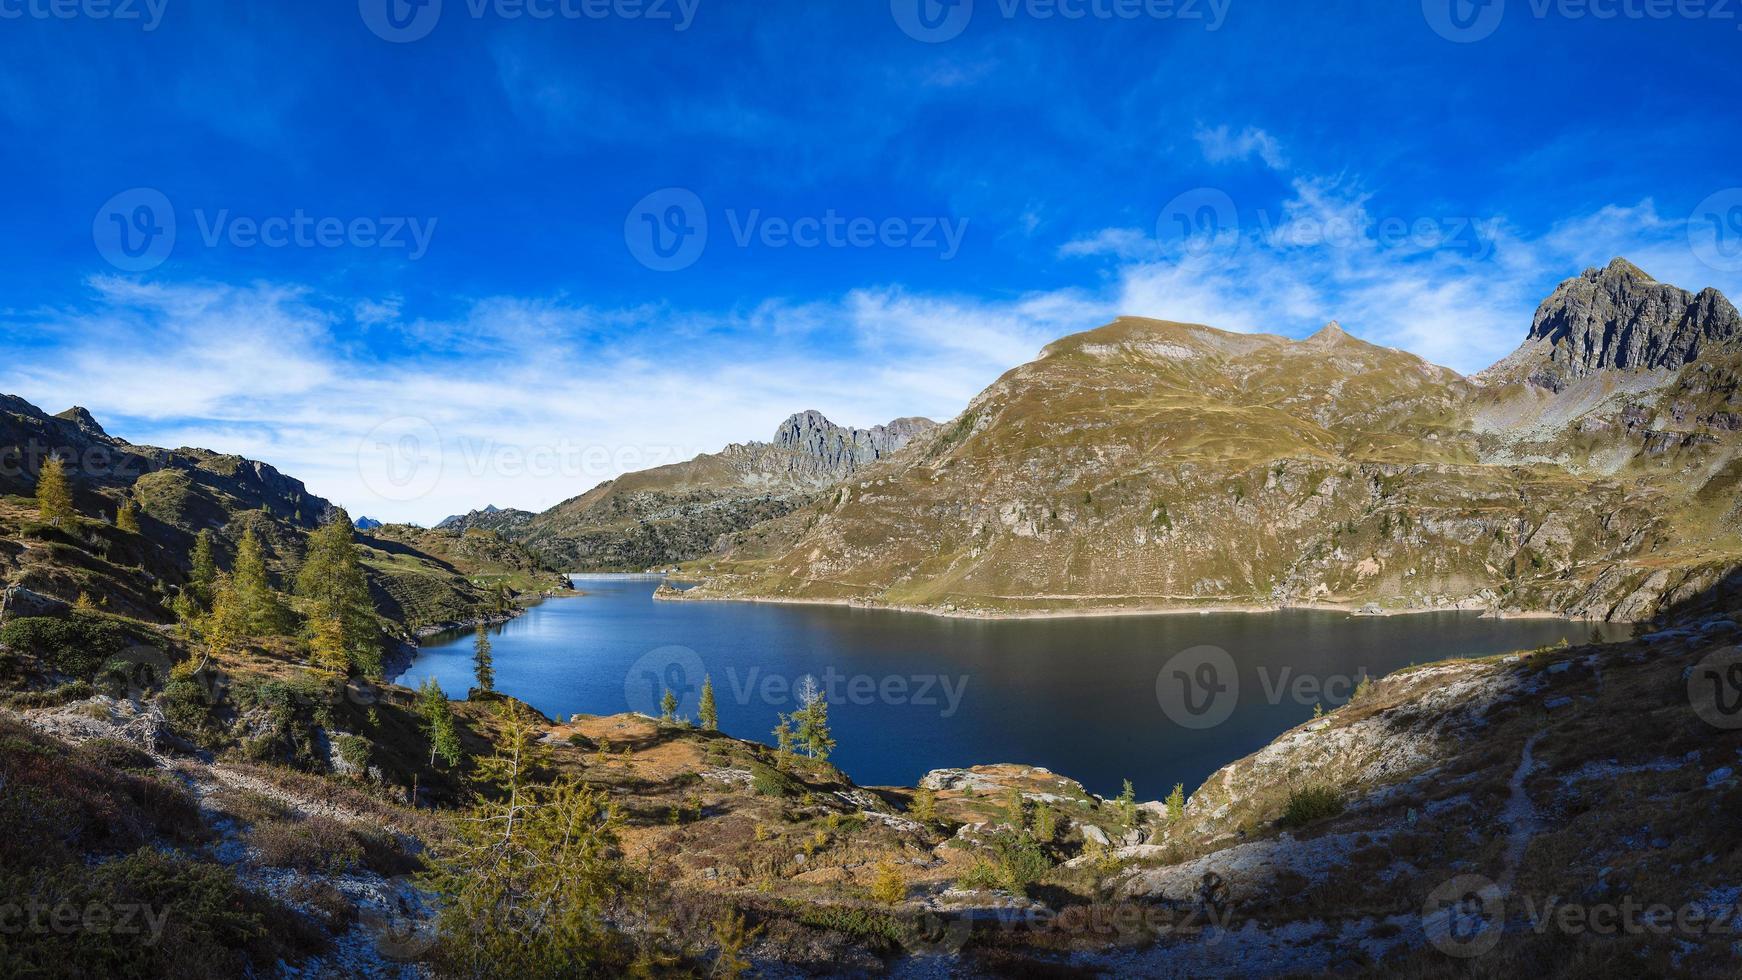 laghi gemelli. lago alpino delle alpi orobias nel nord italia. foto